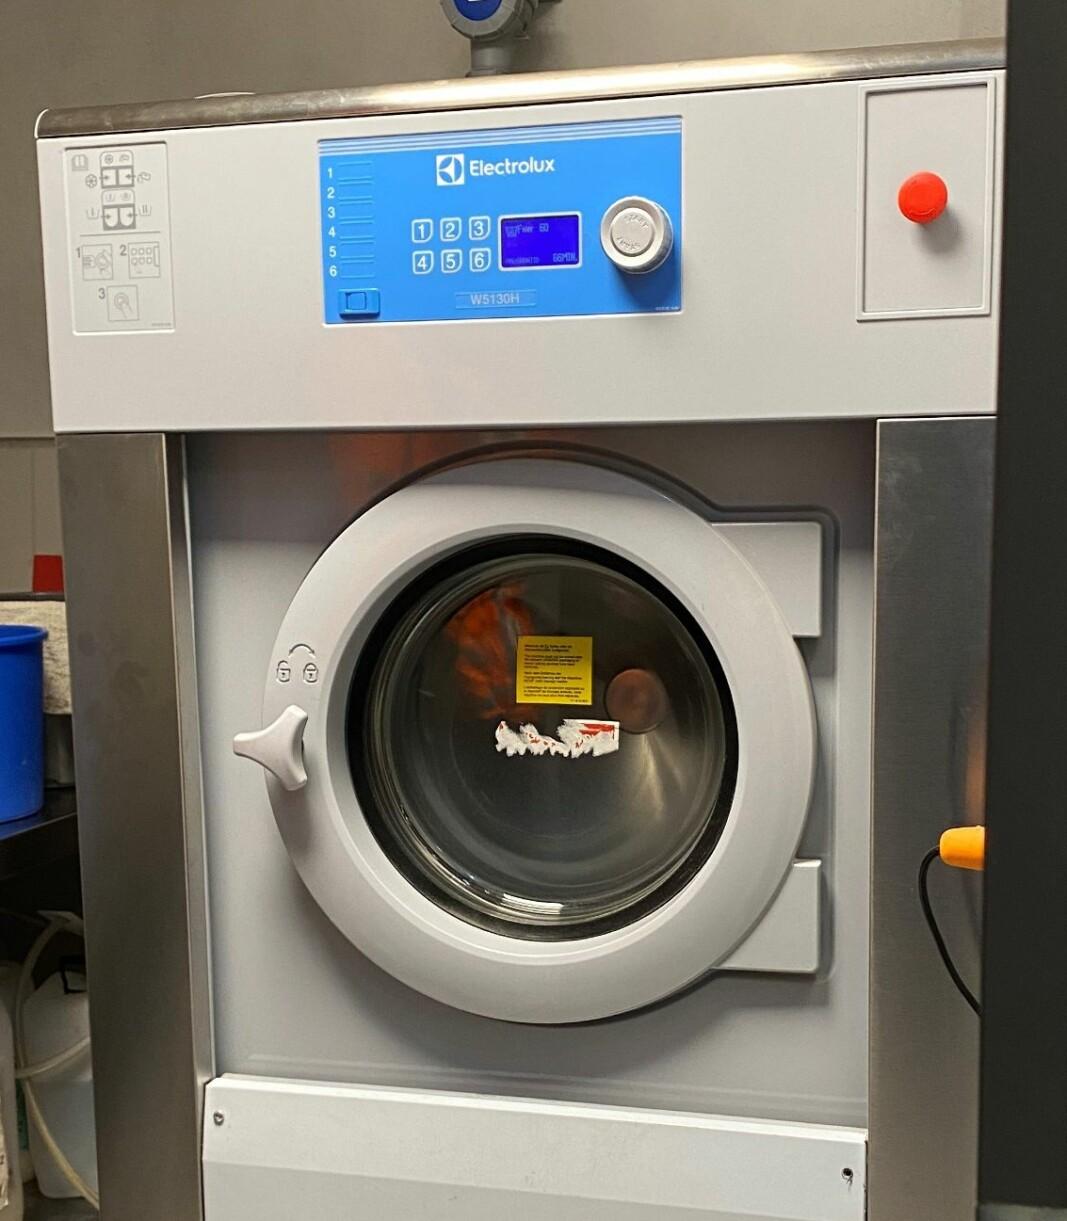 Nå kan feieren og brannfolka vaske arbeidsklærne sine sjøl.